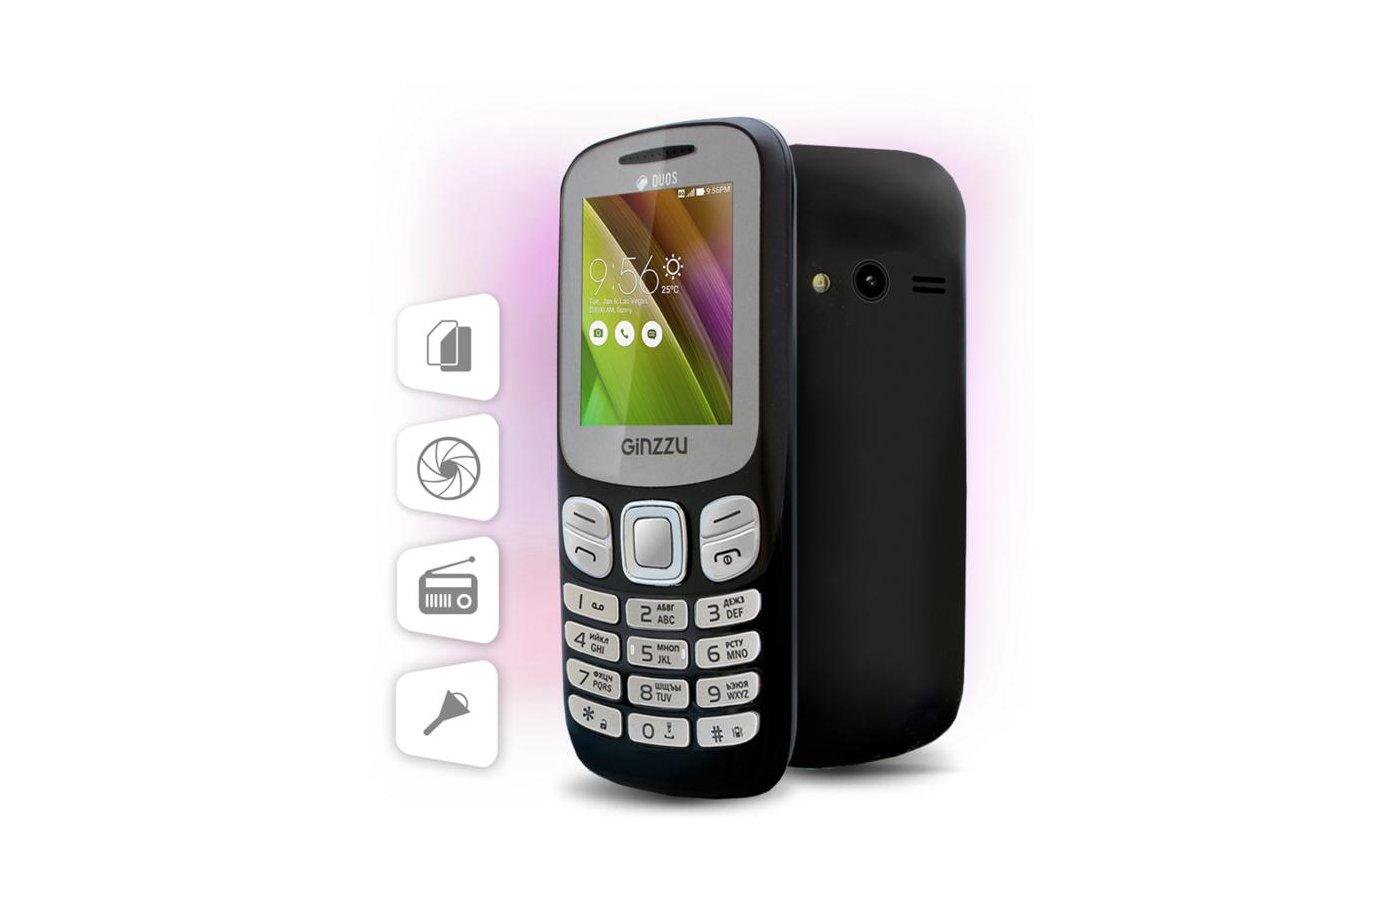 Купить Телефон В Интернет Магазине Дешево